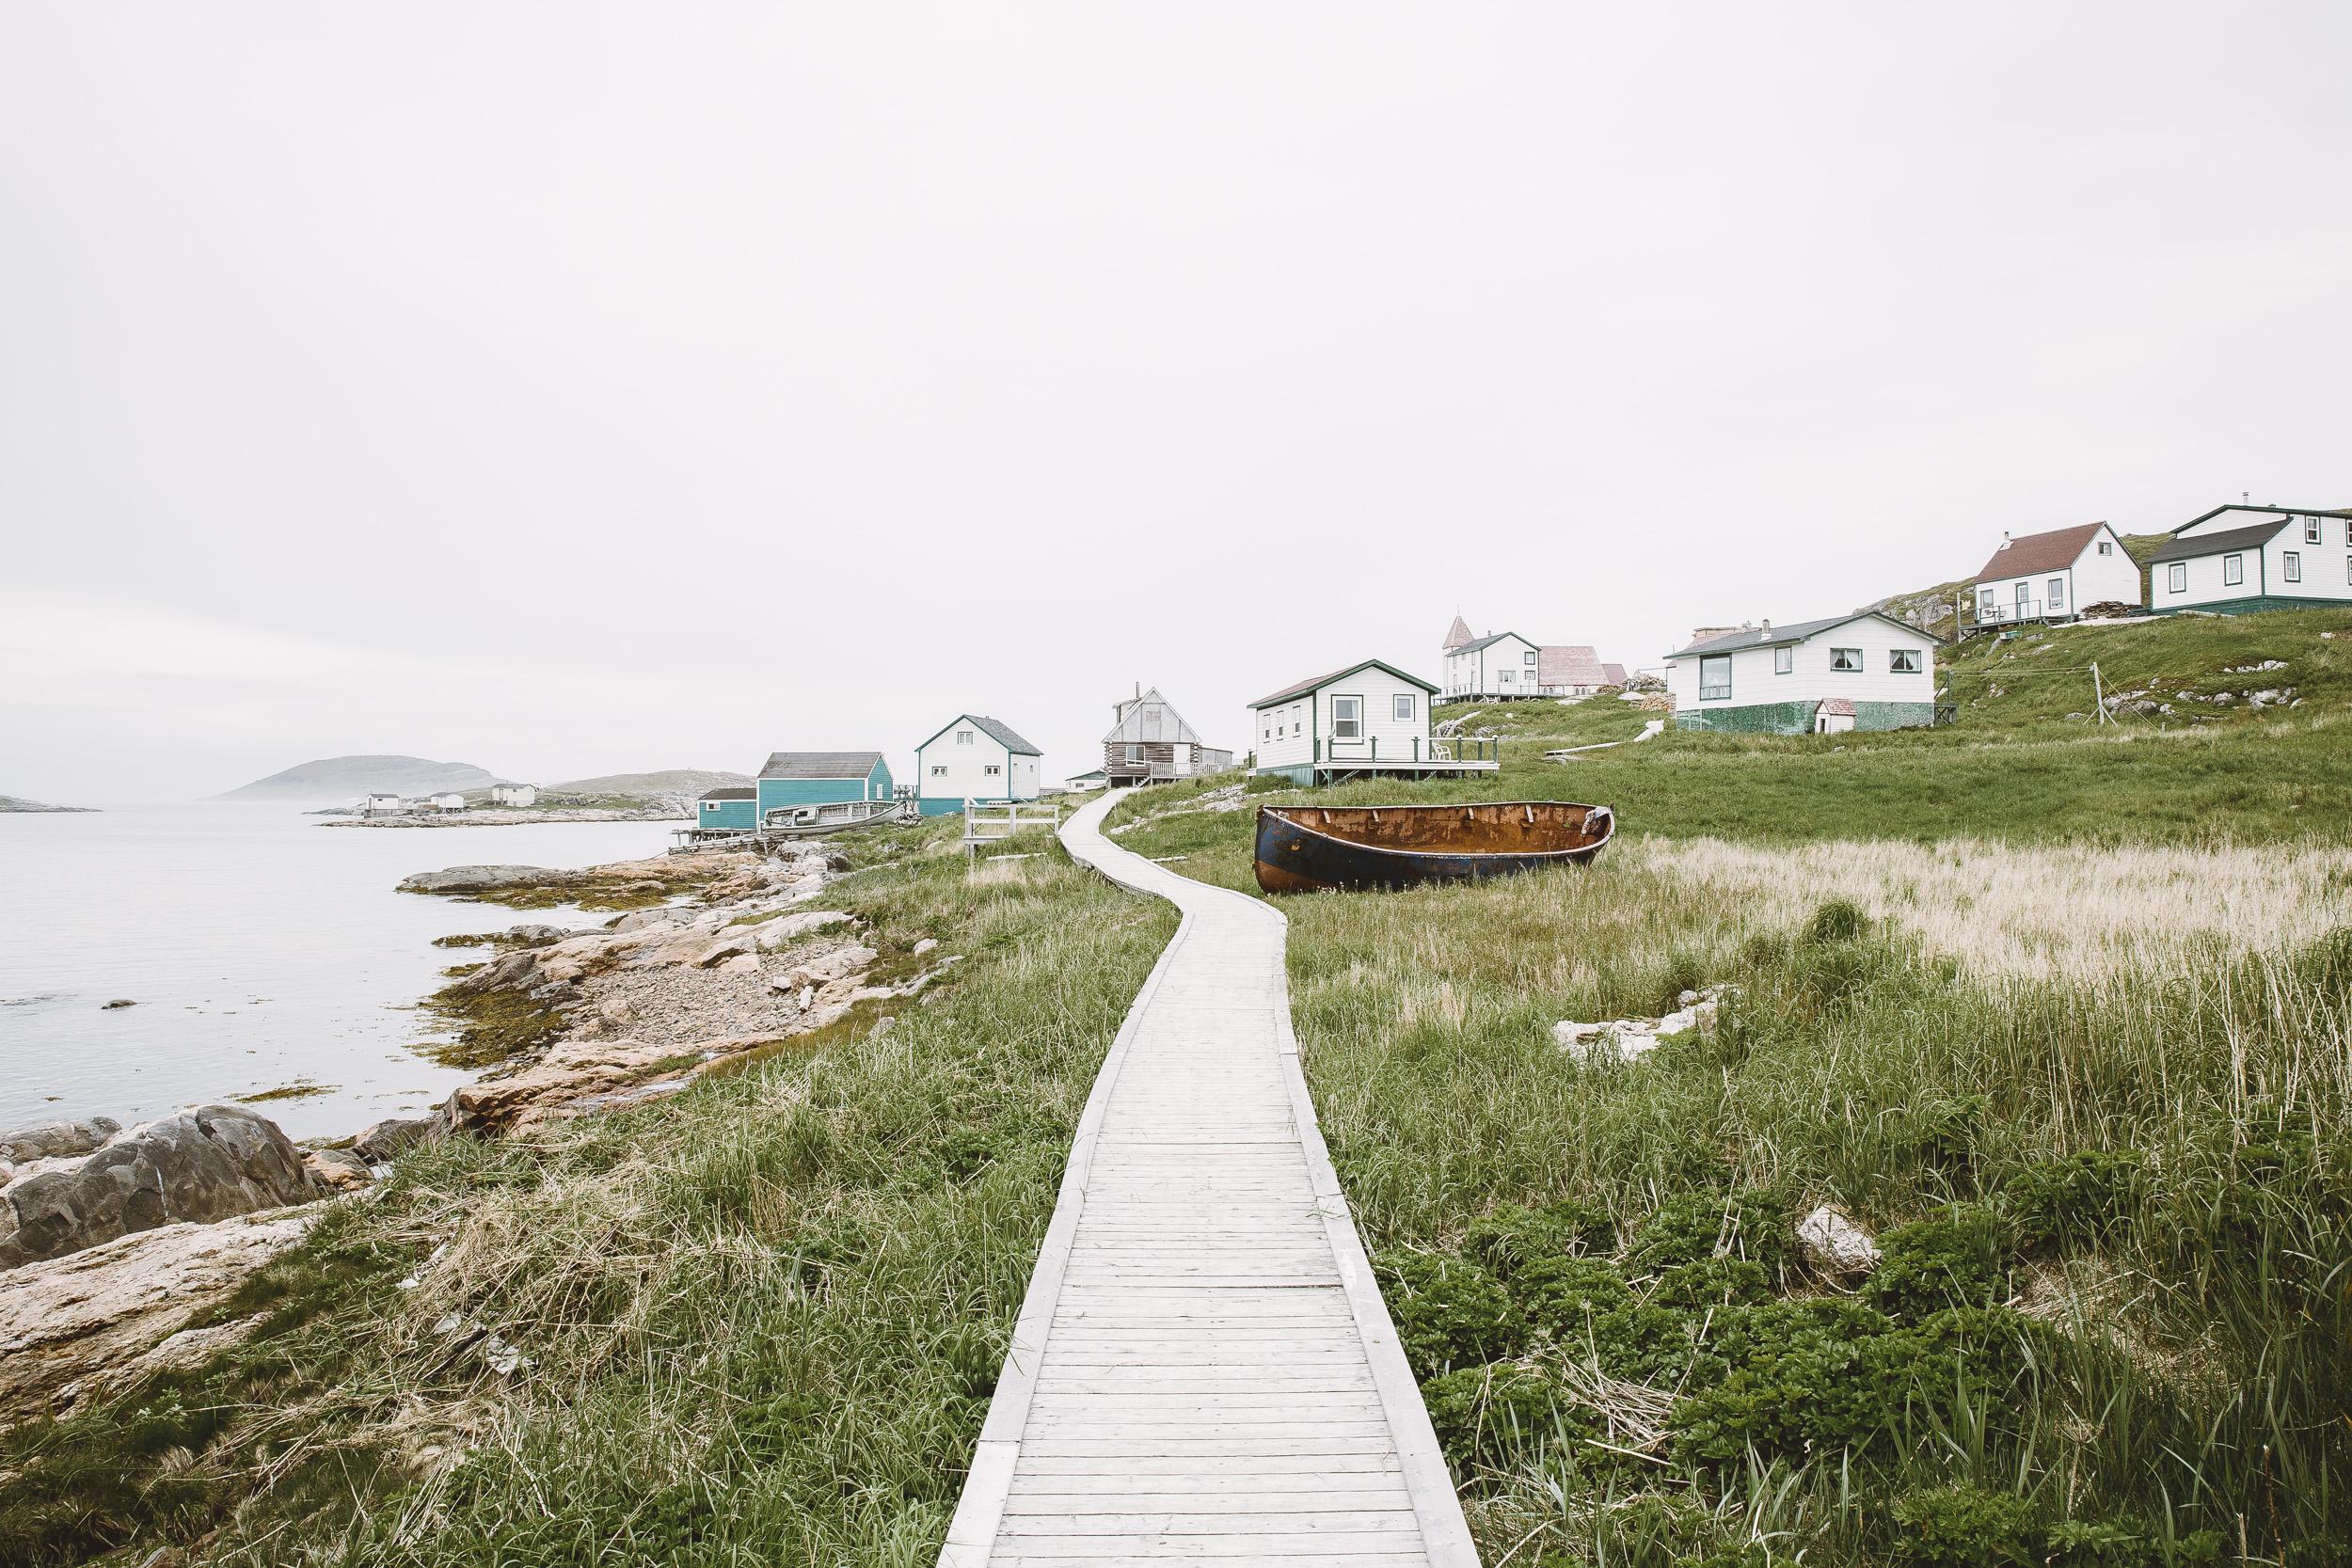 2015-07-06-DestinationCanada-NewfoundlandLabrador-222.jpg